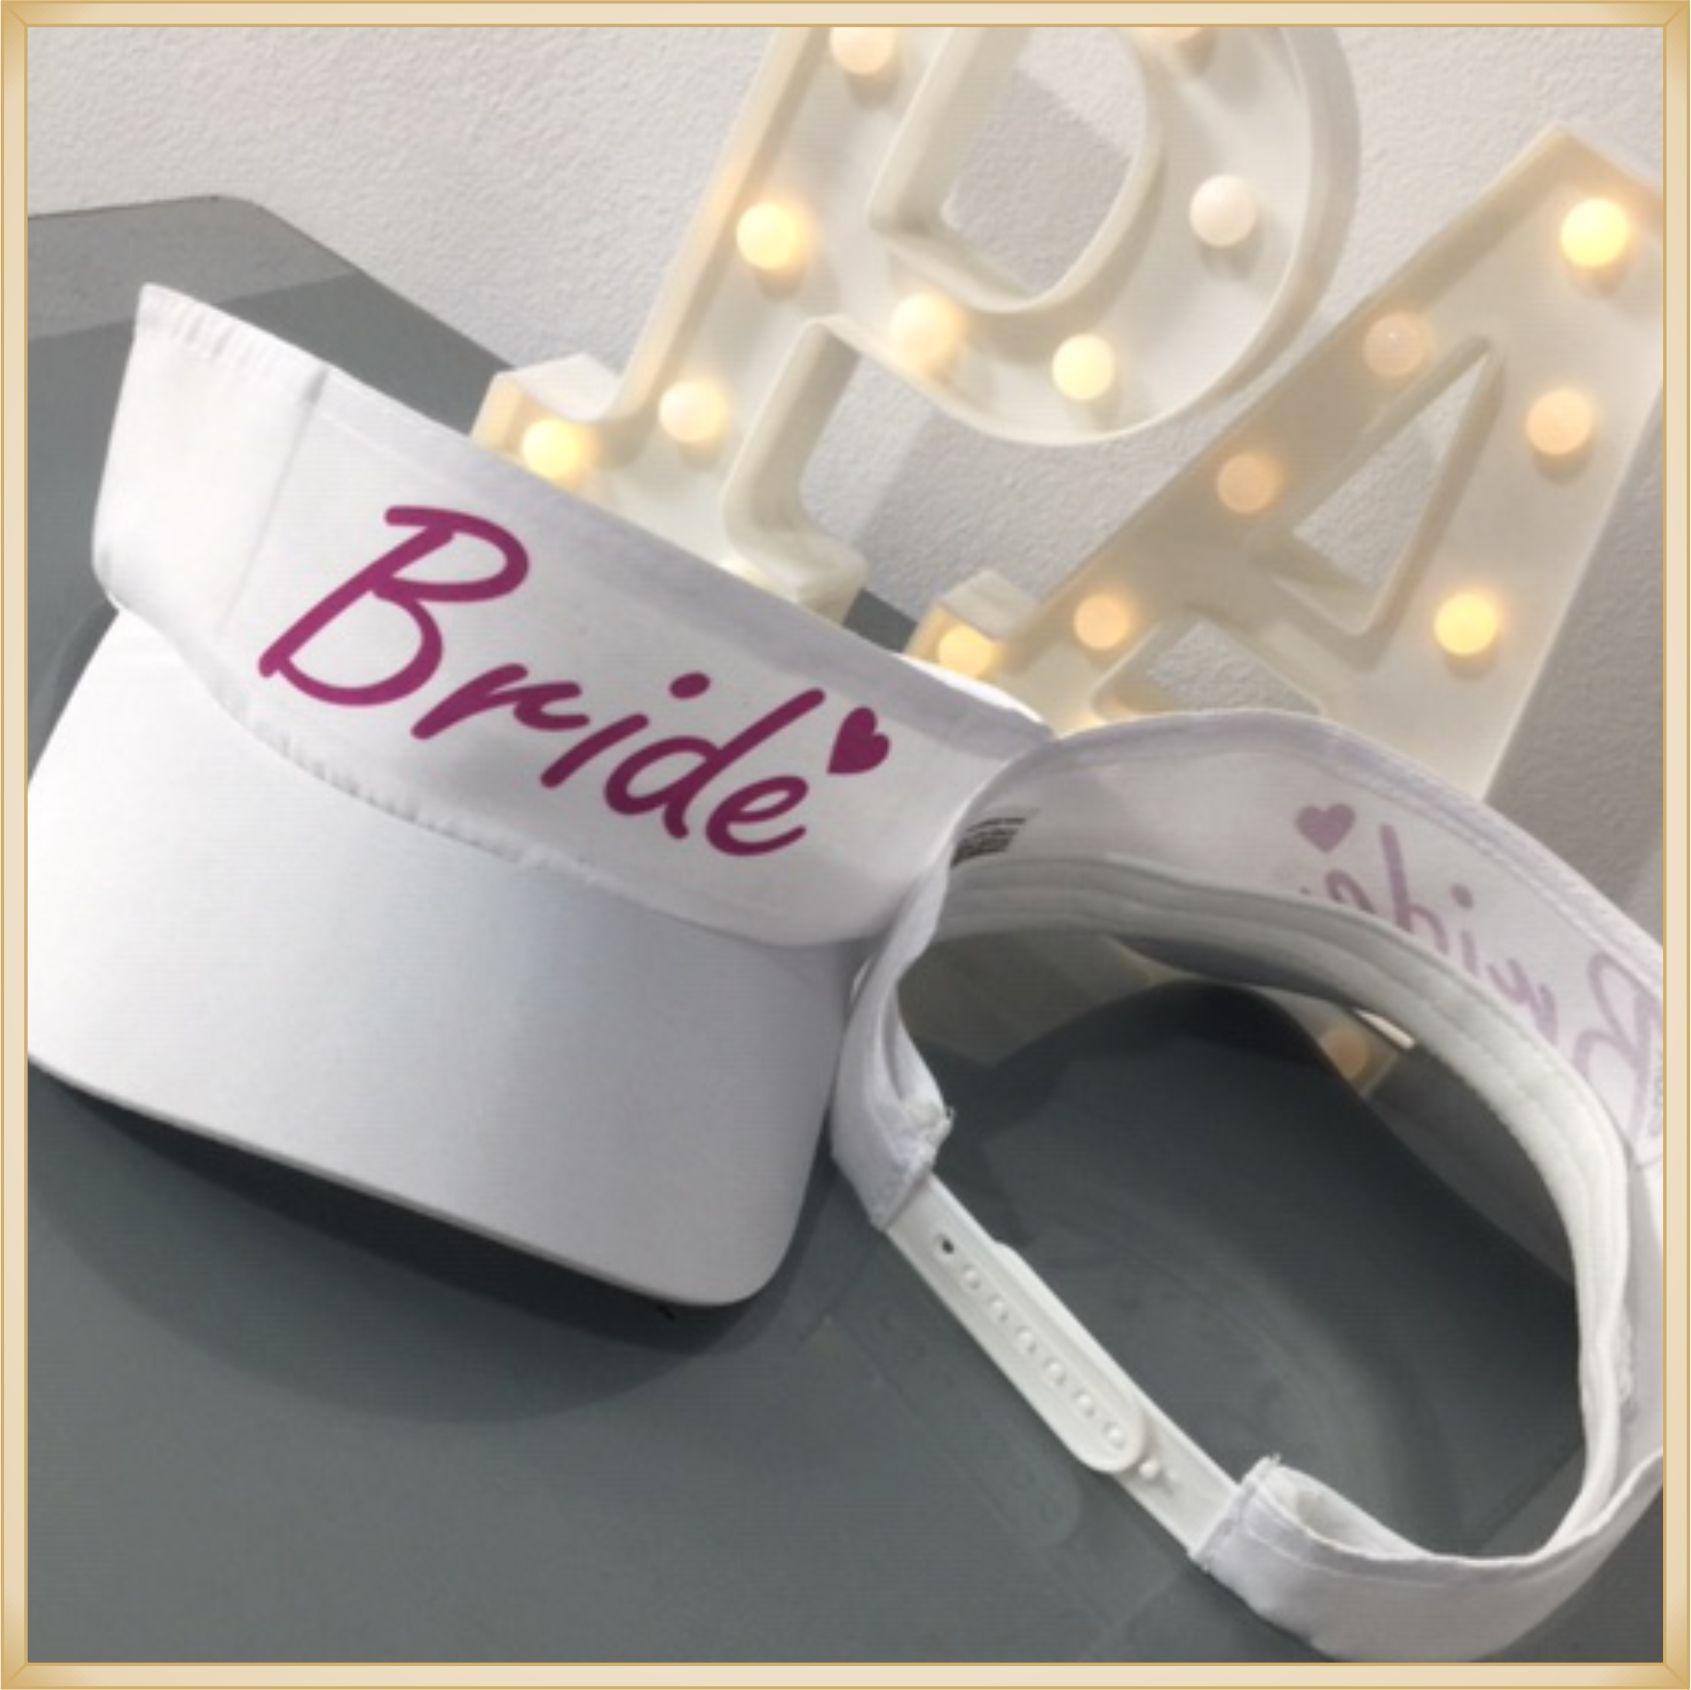 ... 10 Viseiras feminina personalizada para festa Despedida de solteira  Team Bride Chá bar Dia da noiva ... 2428f5b0197